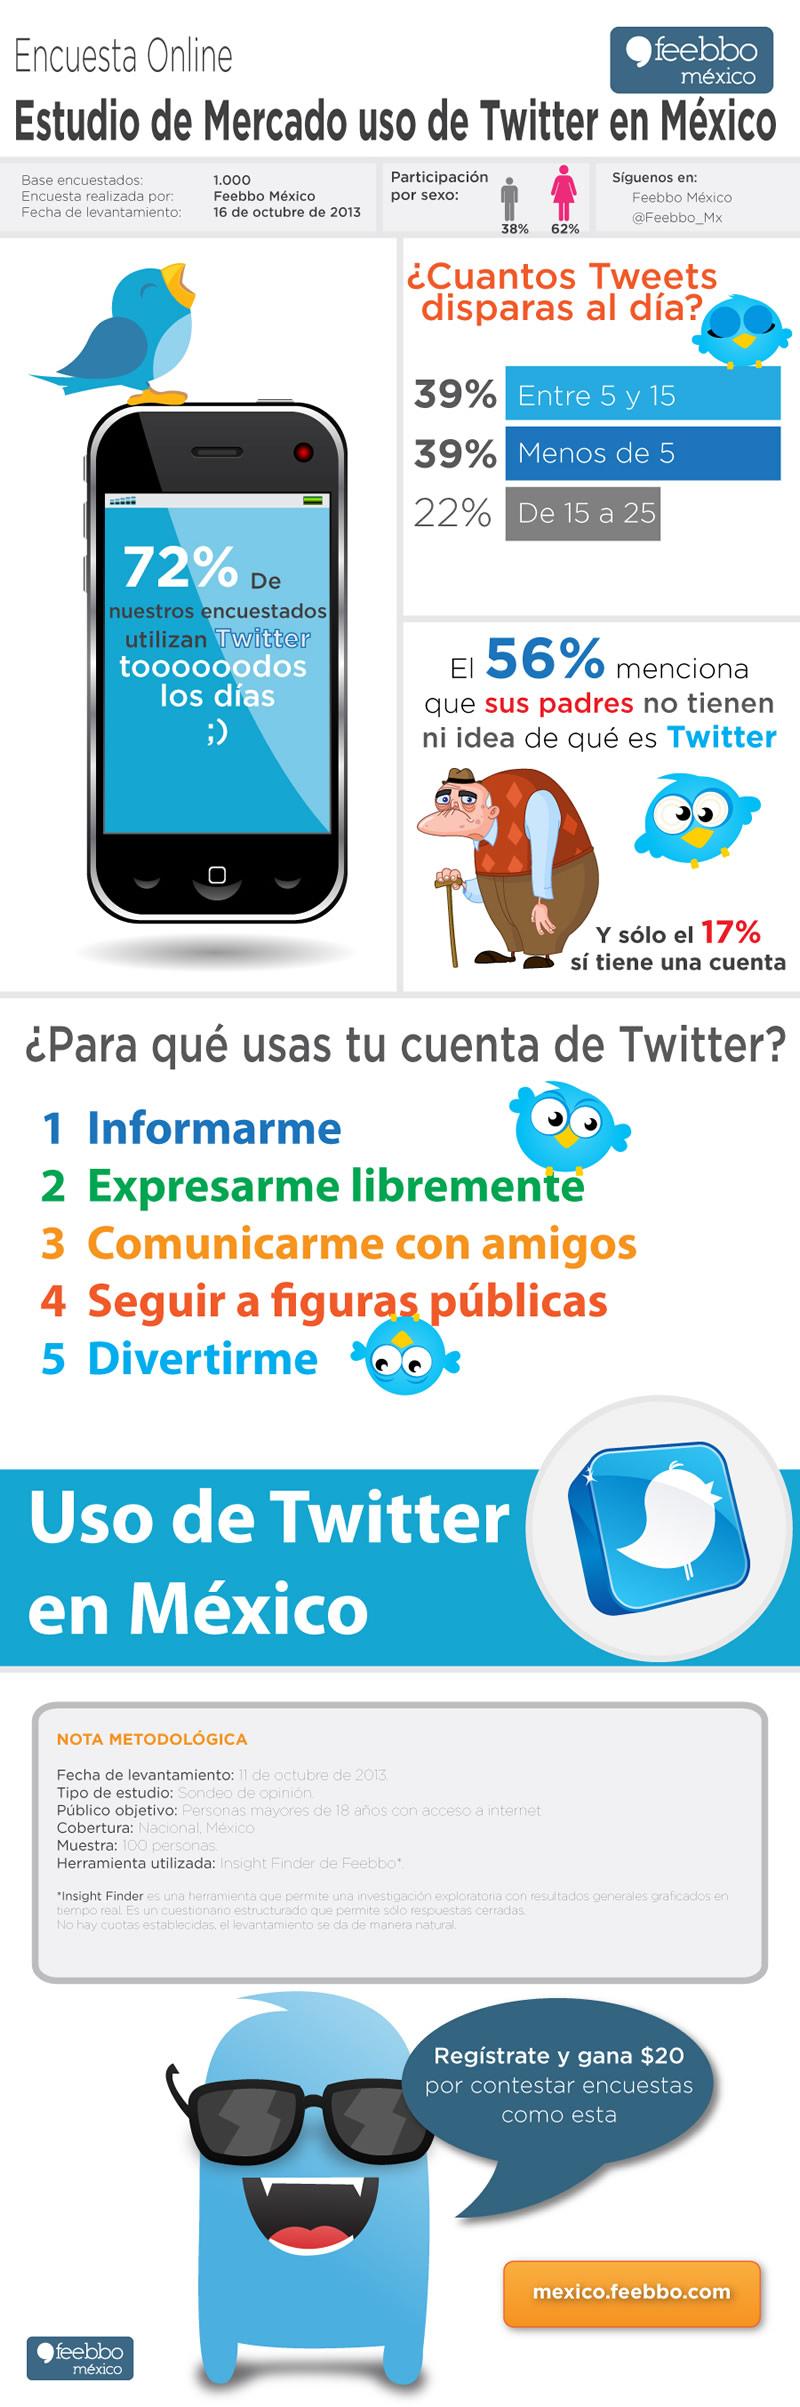 Uso de Twitter en México [Infografía] - uso-twitter-en-mexico